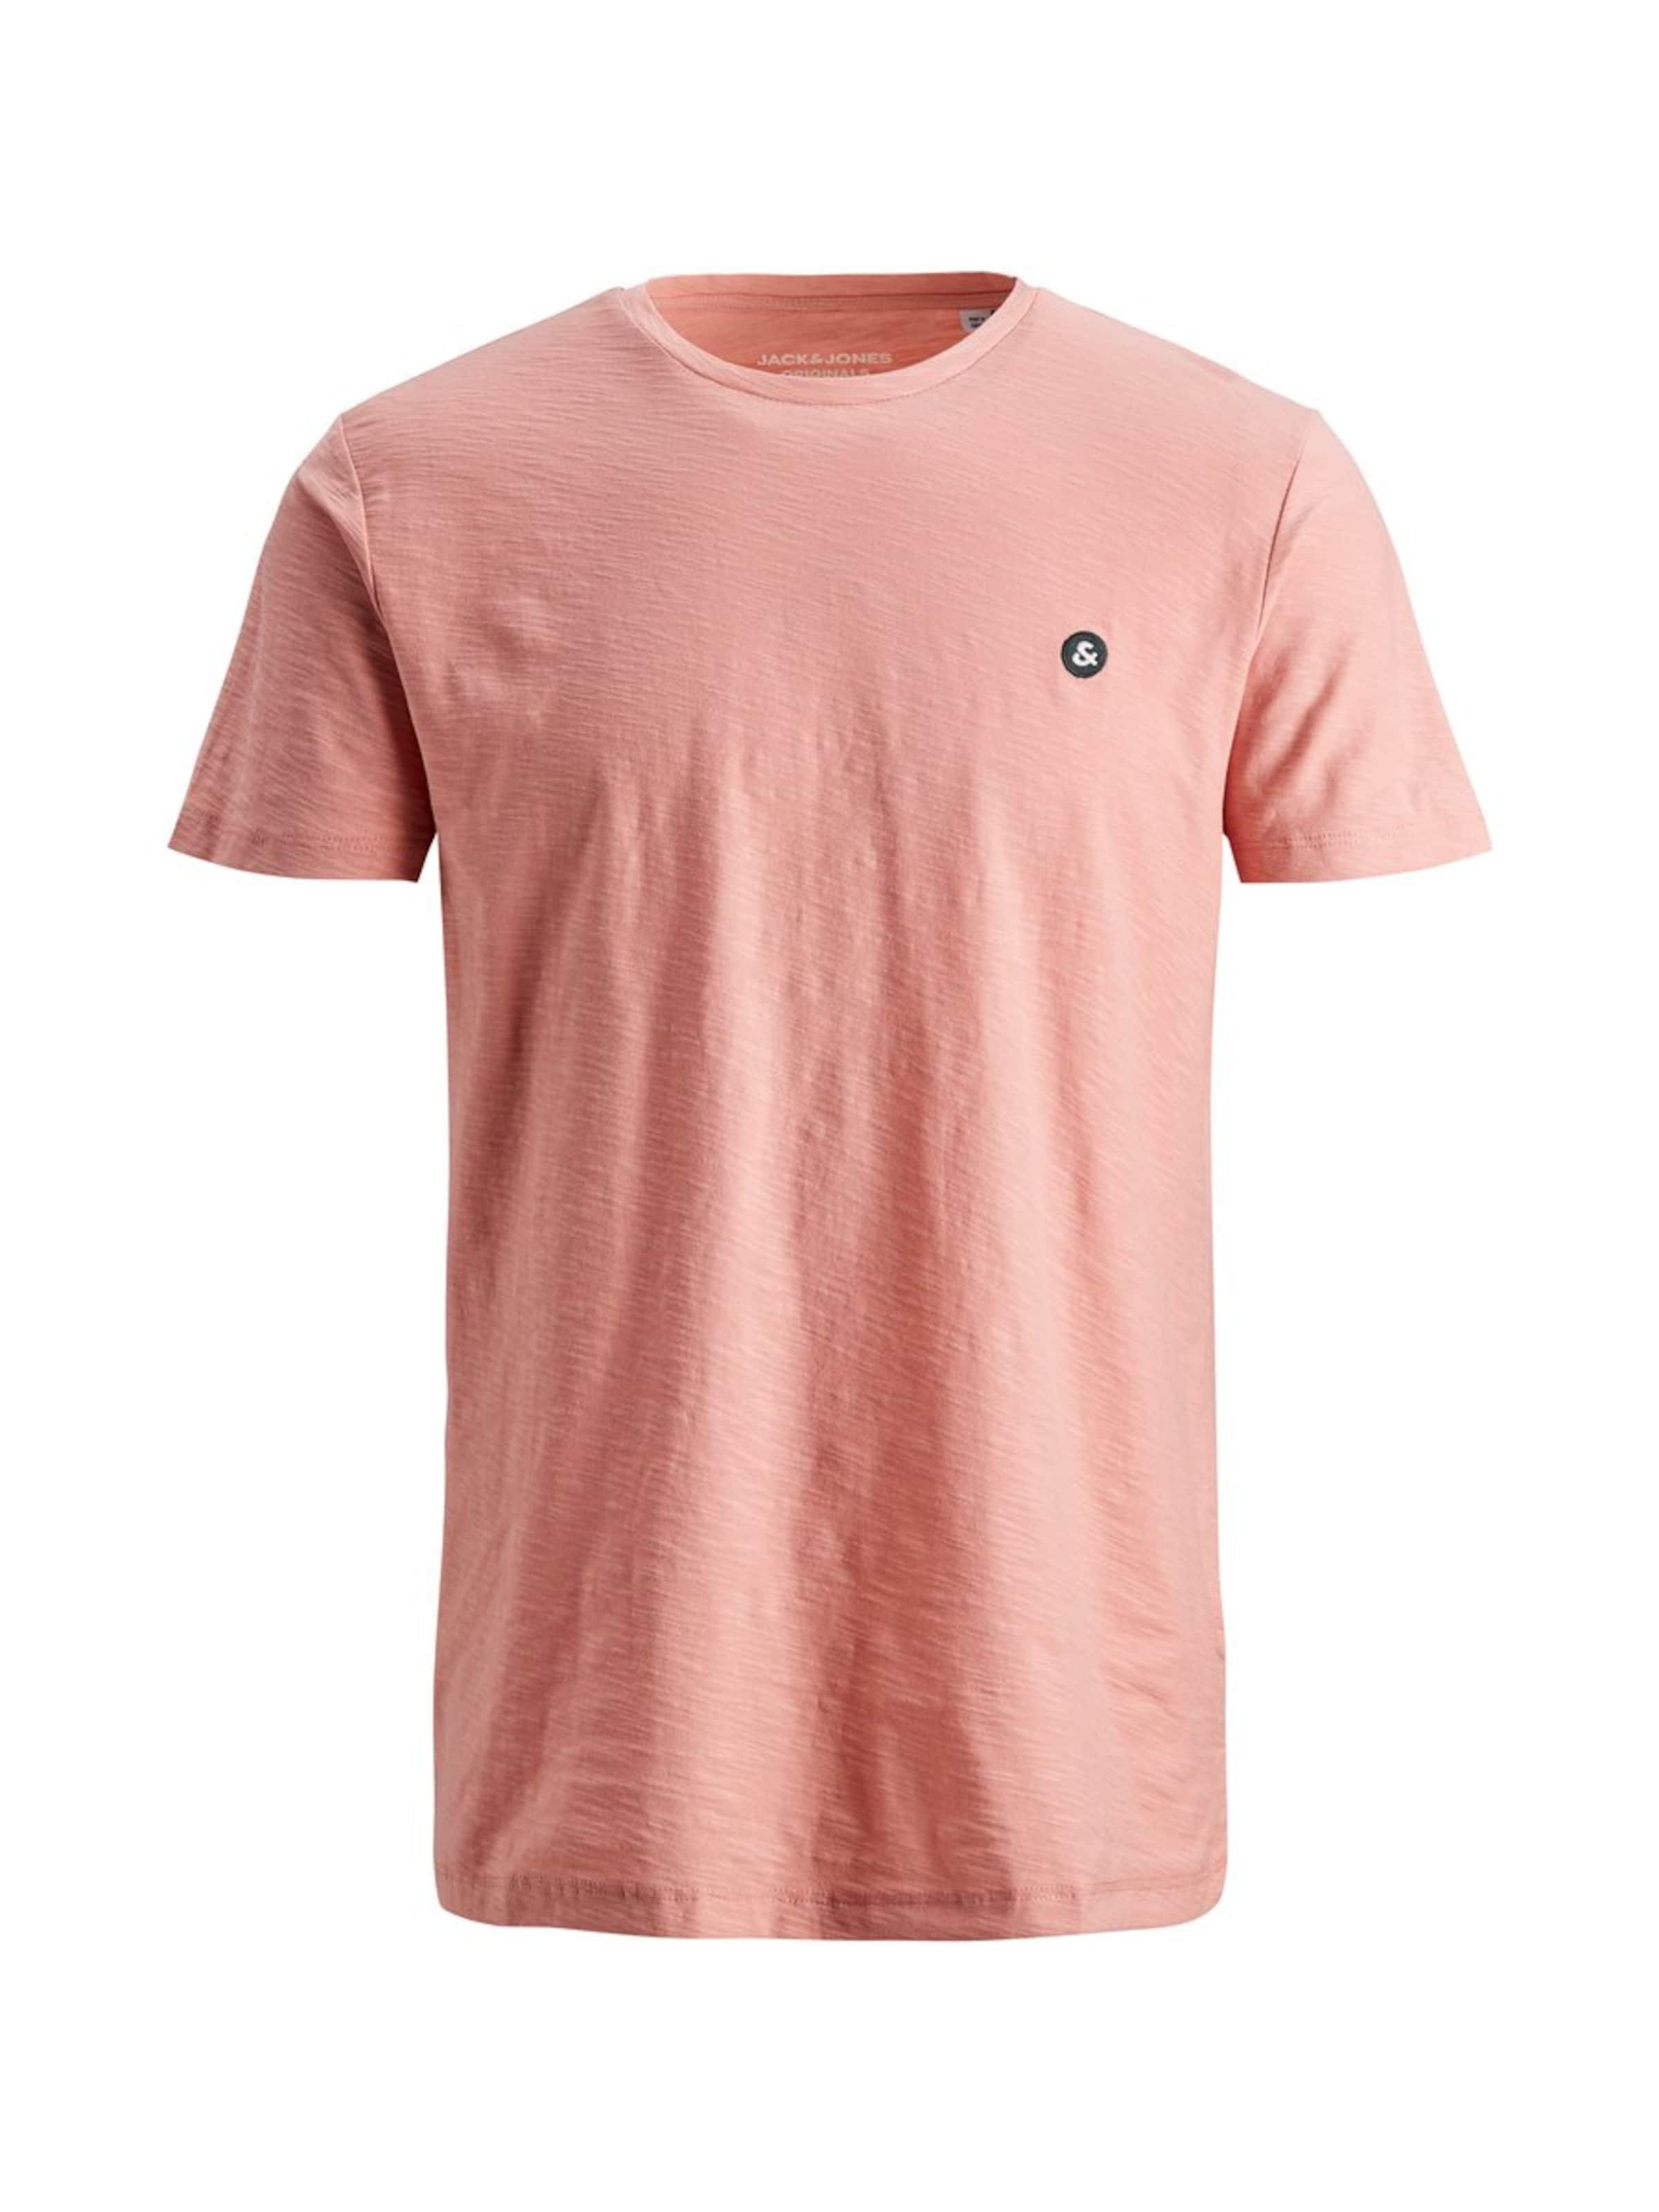 Jones T In Jackamp; shirt Altrosa 0P8Onwk